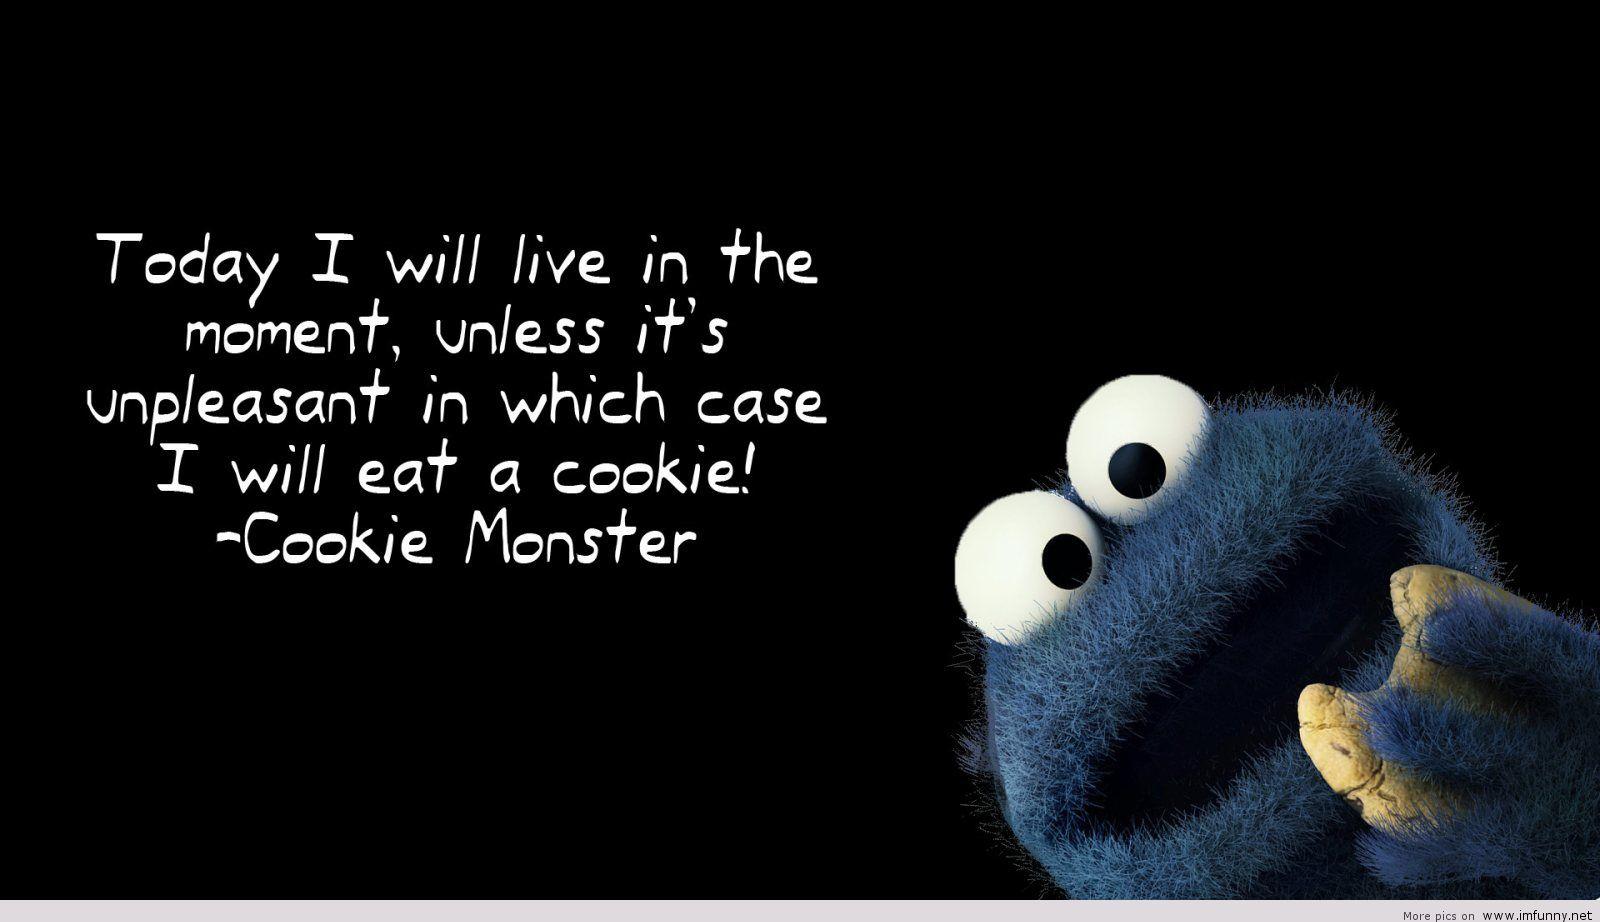 クッキーモンスターの名言 面白い引用壁紙hd 1600x922 Wallpapertip